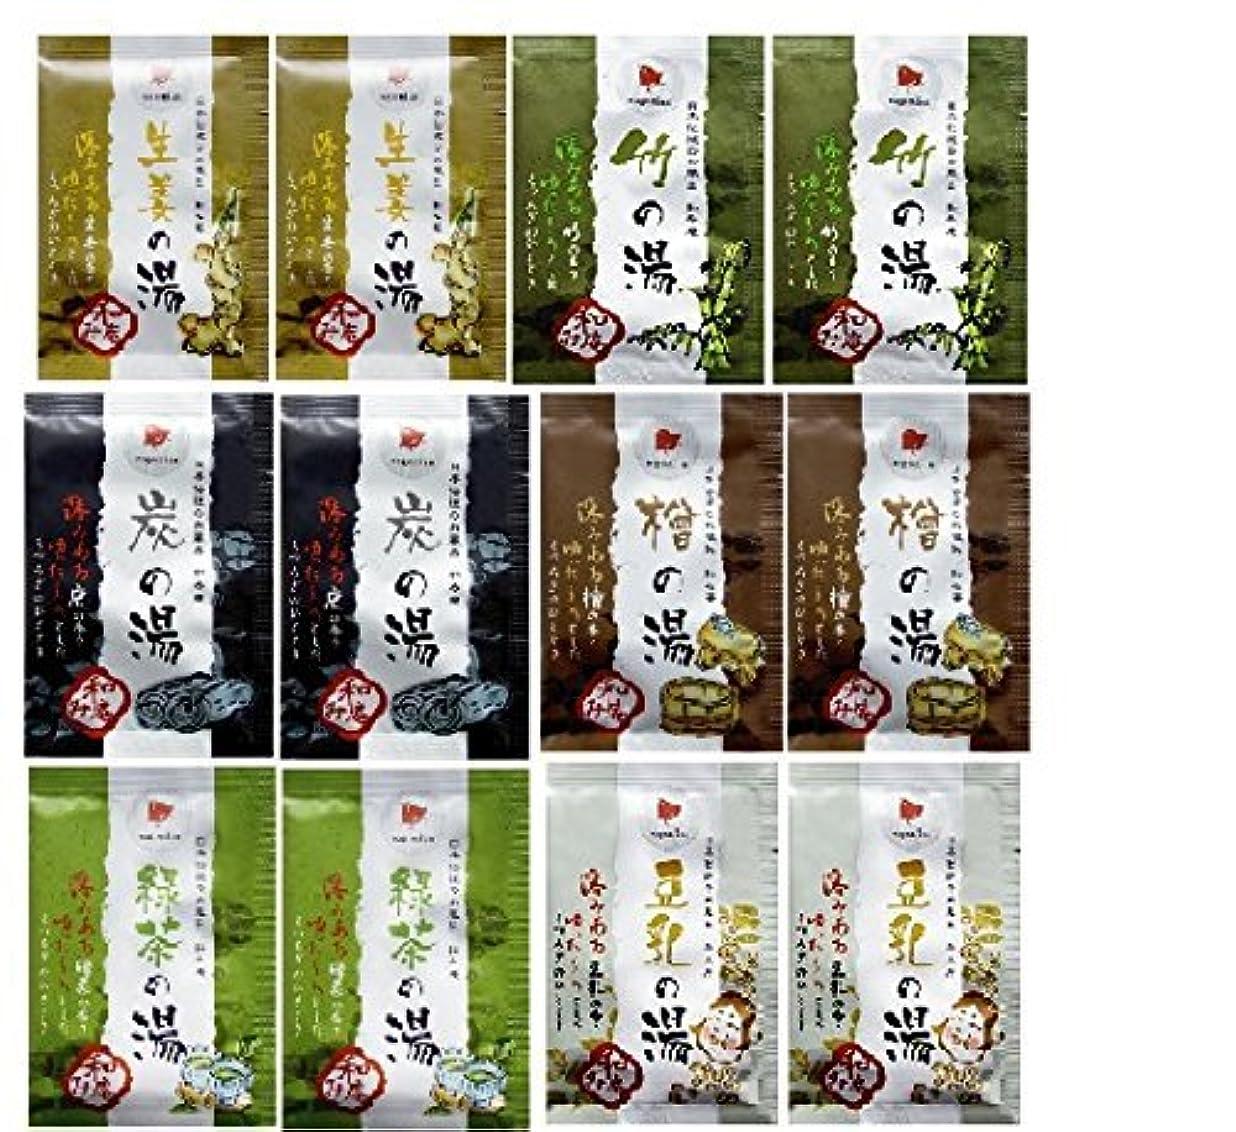 三なかなかカタログ日本伝統のお風呂 和み庵 6種類×2 12包